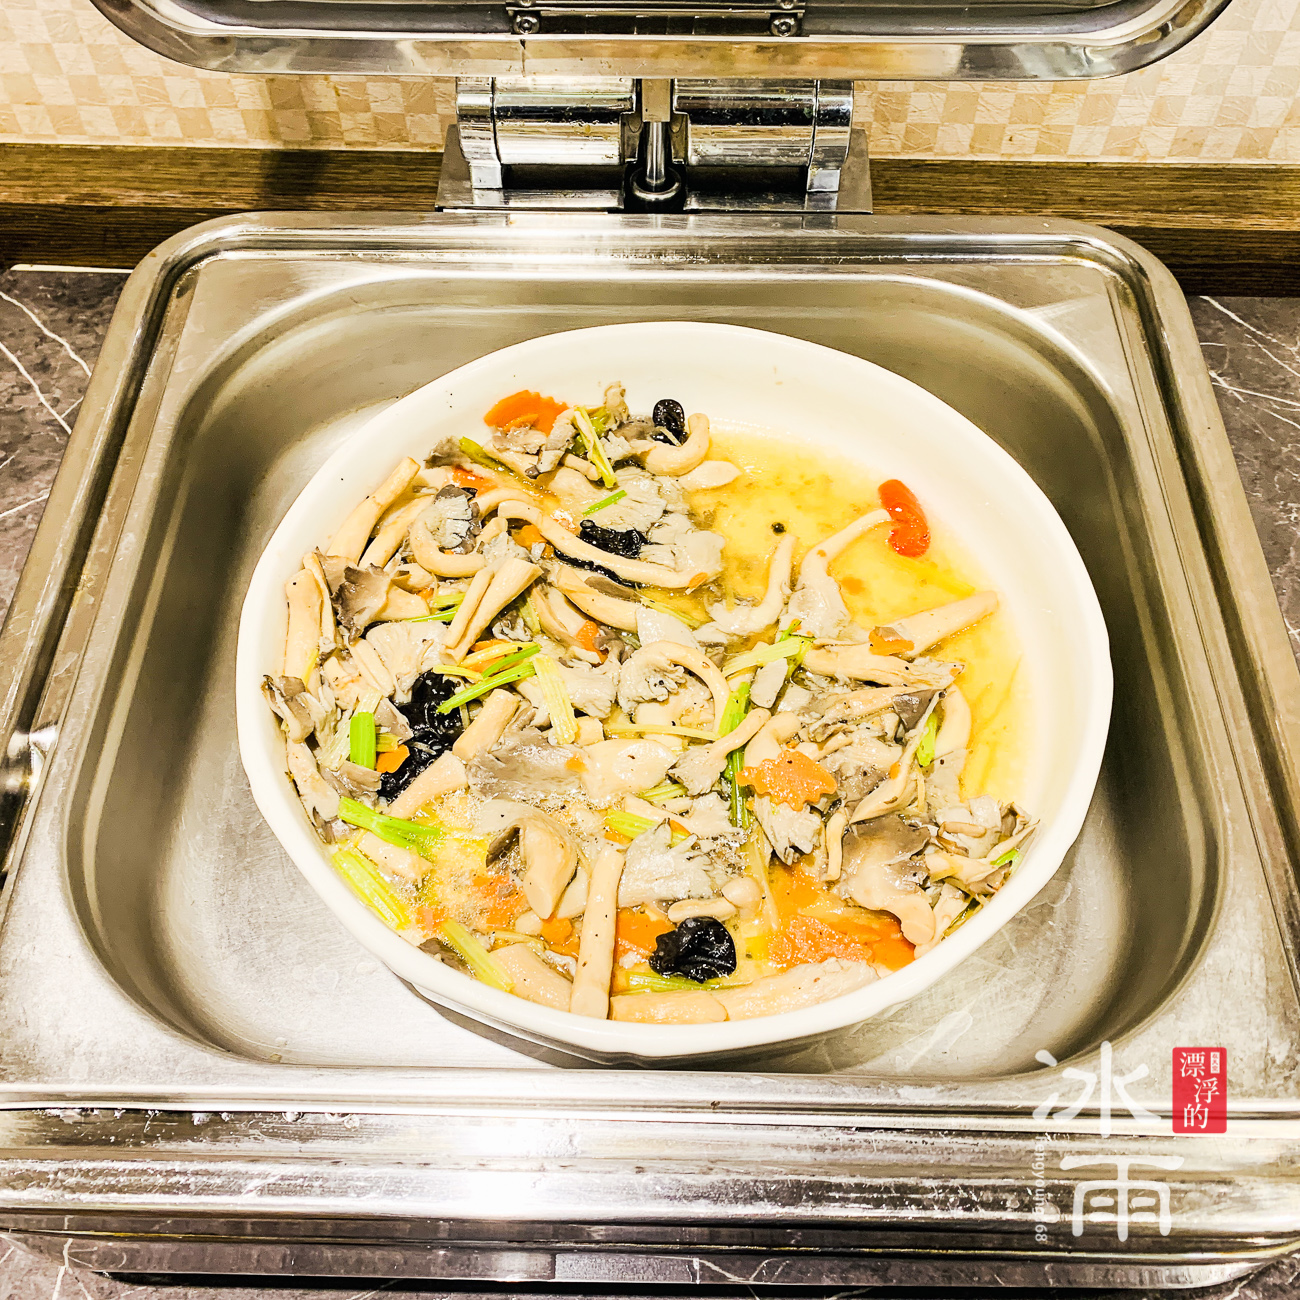 川湯春天溫泉飯店德陽館|早餐|中式熱炒